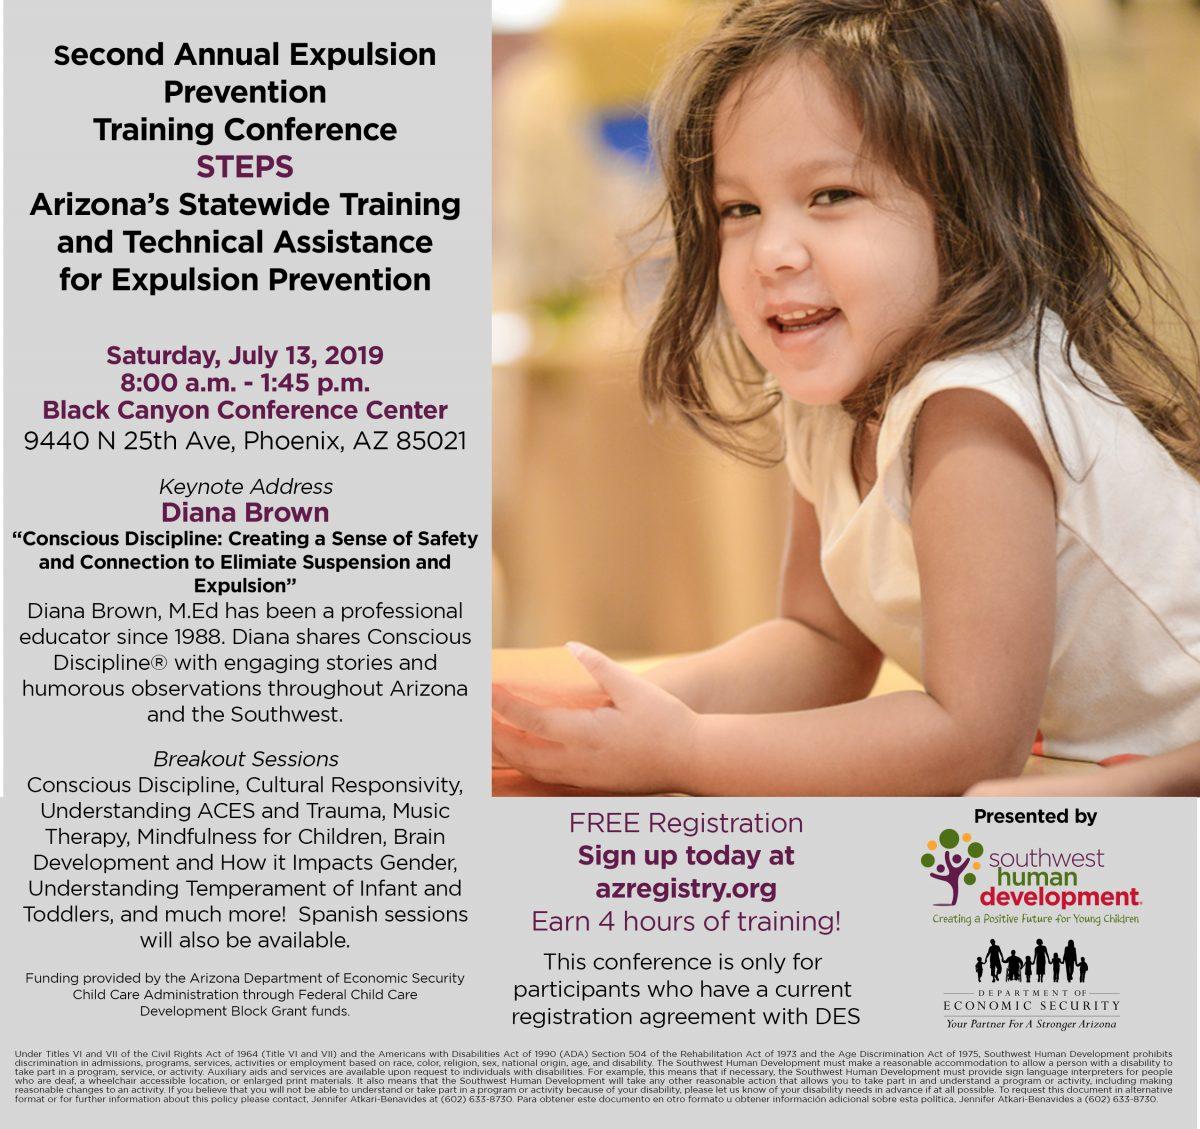 2019 Expulsion Prevention Training